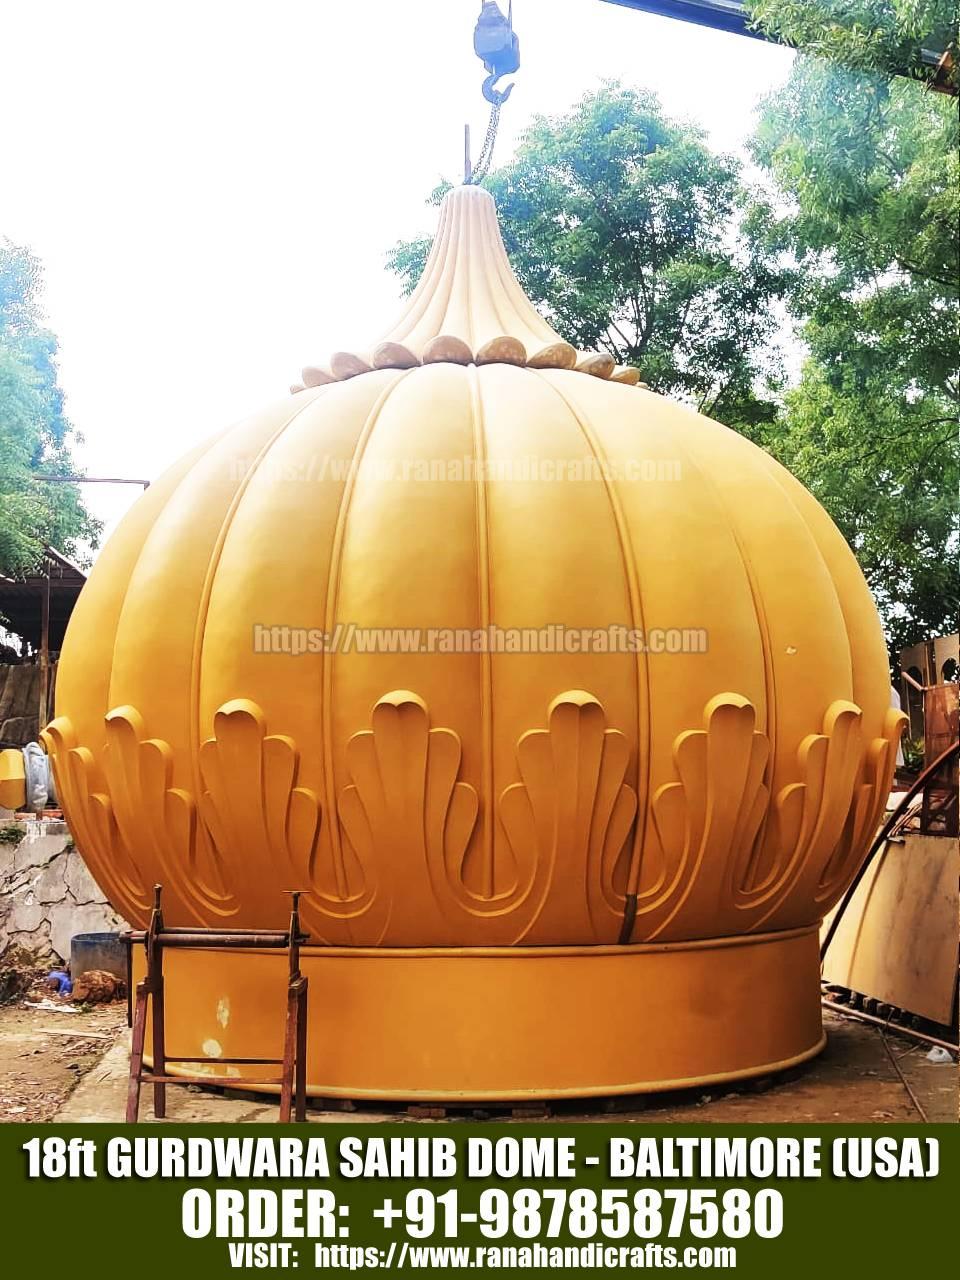 18ft Gurdwara Sahib Dome for Baltimore - USA